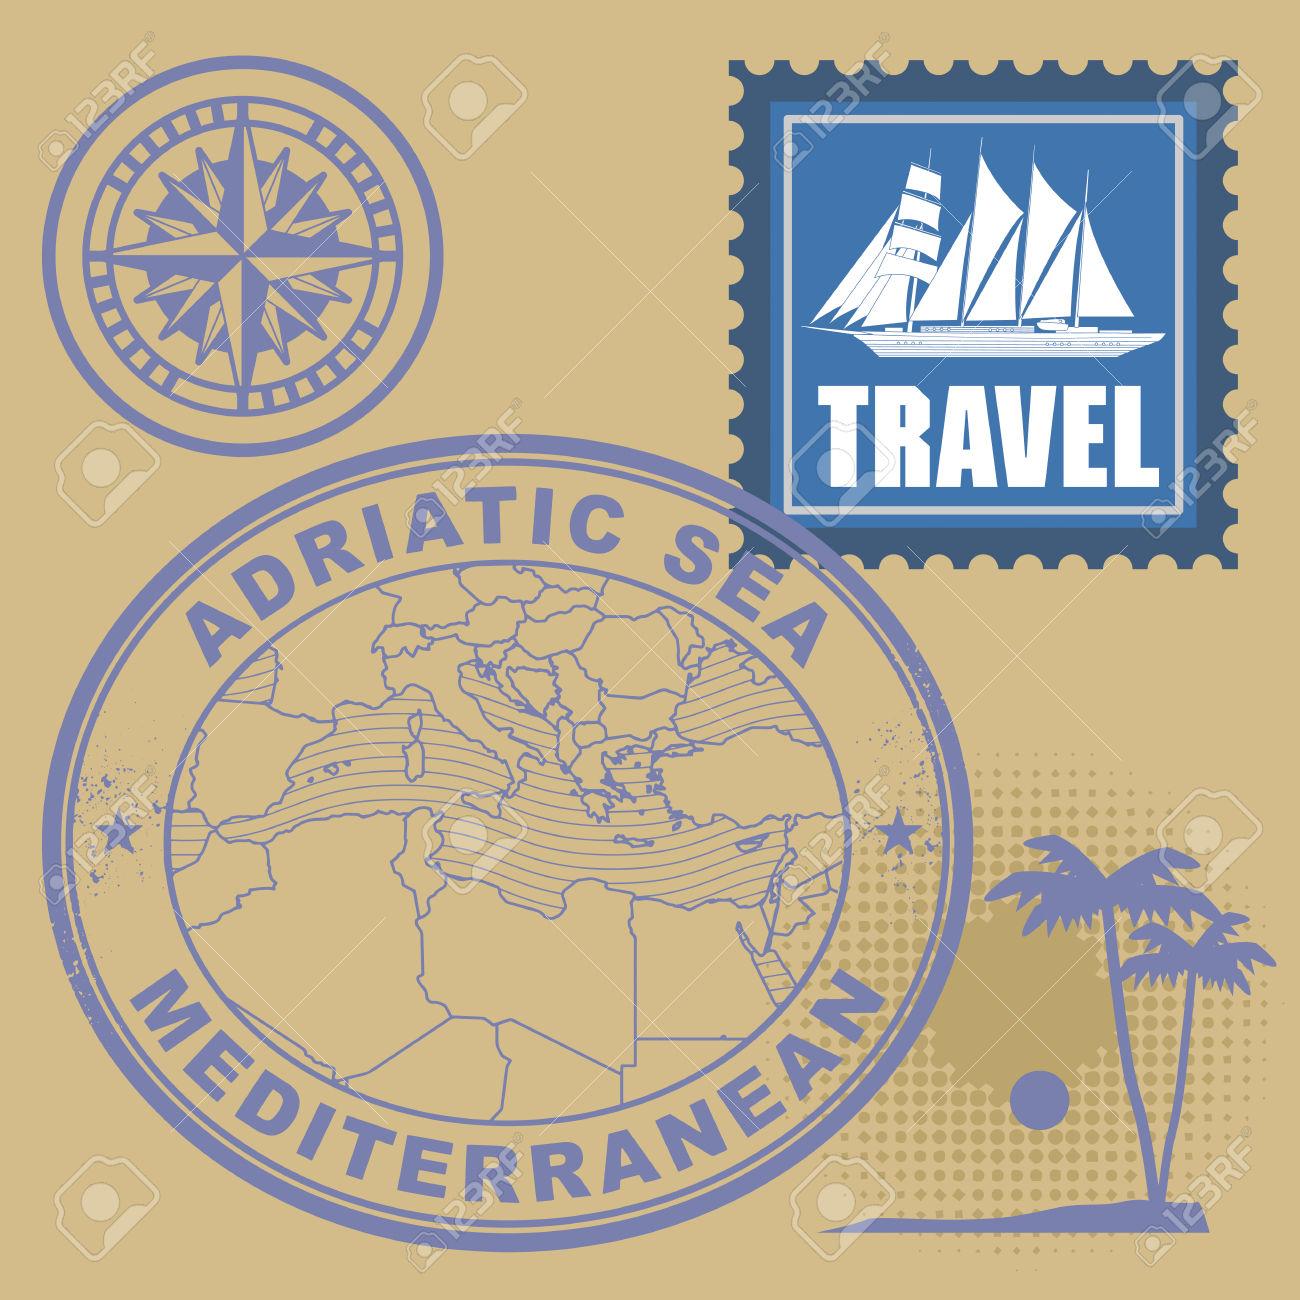 Grunge Rubber Stamp Set With Text Mediterranean, Adriatic Sea.